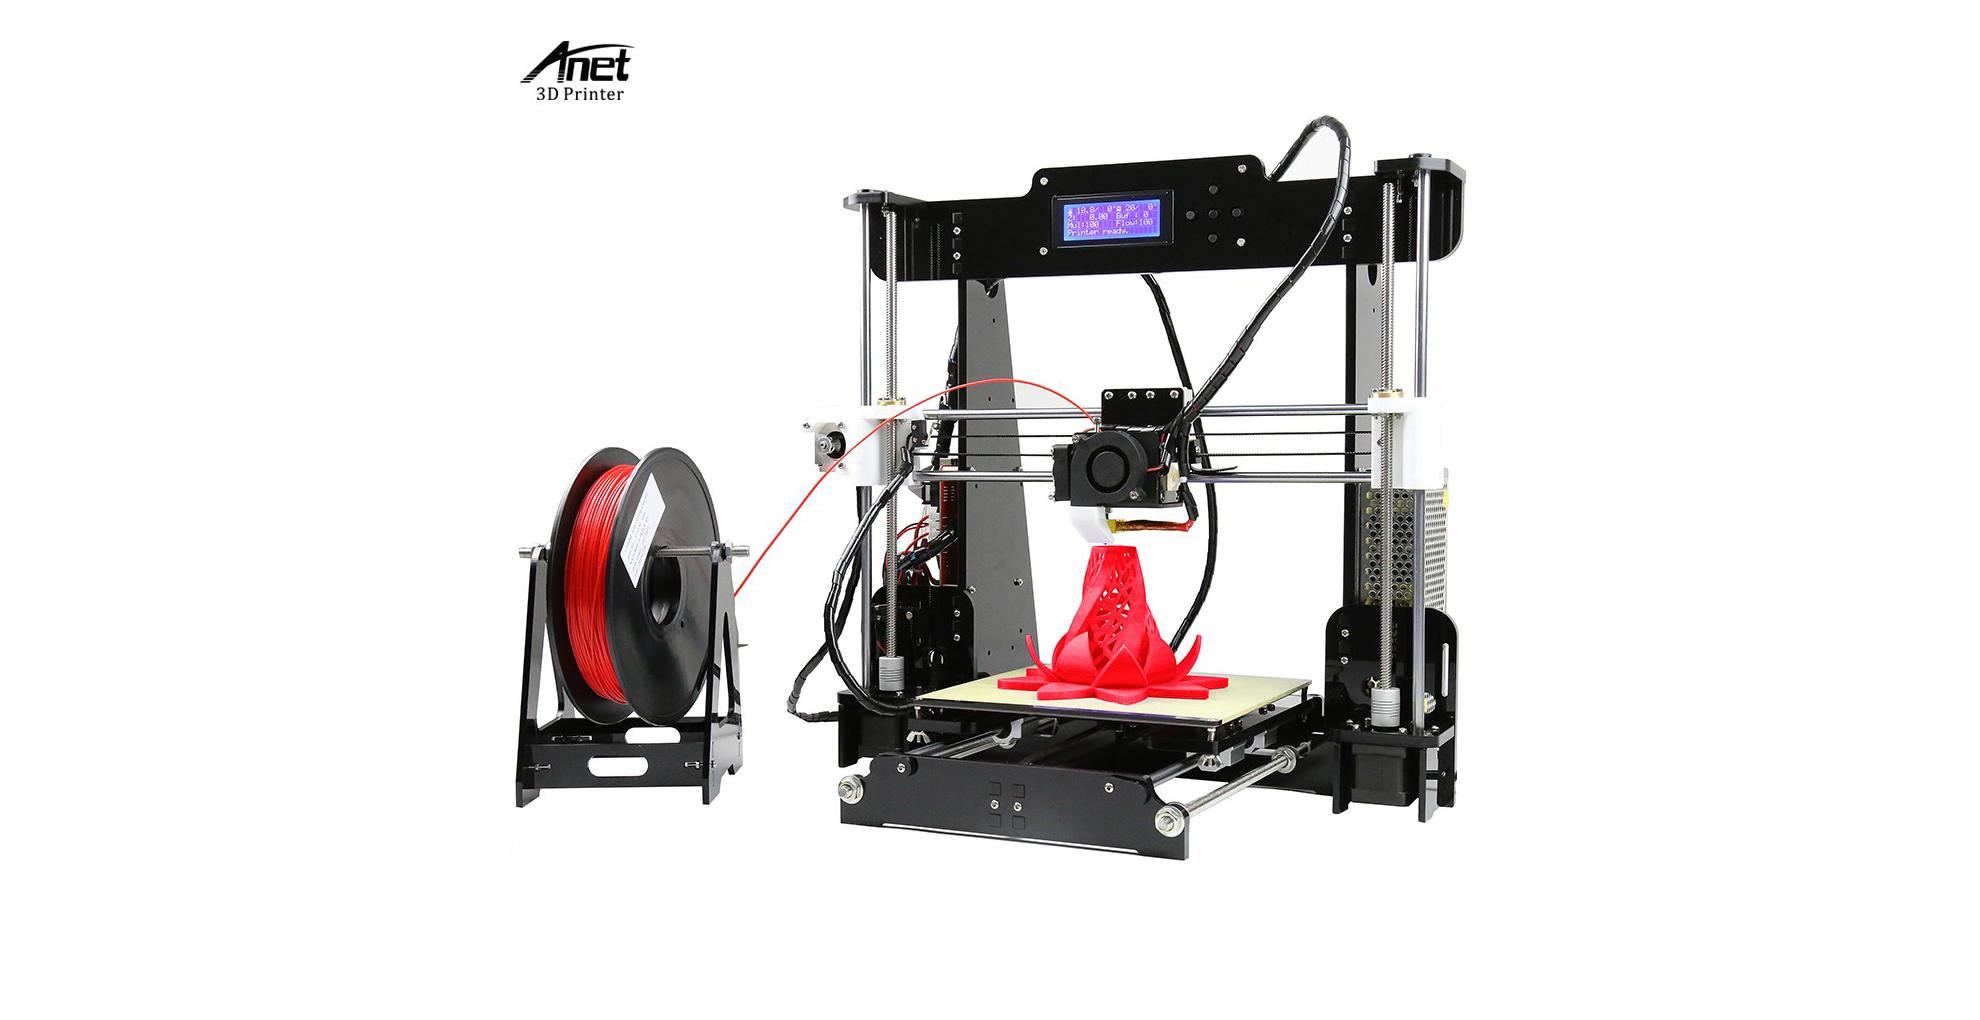 3D tiskárna Anet A8 jen nyní za nižší cenu! [sponzorovaný článek]